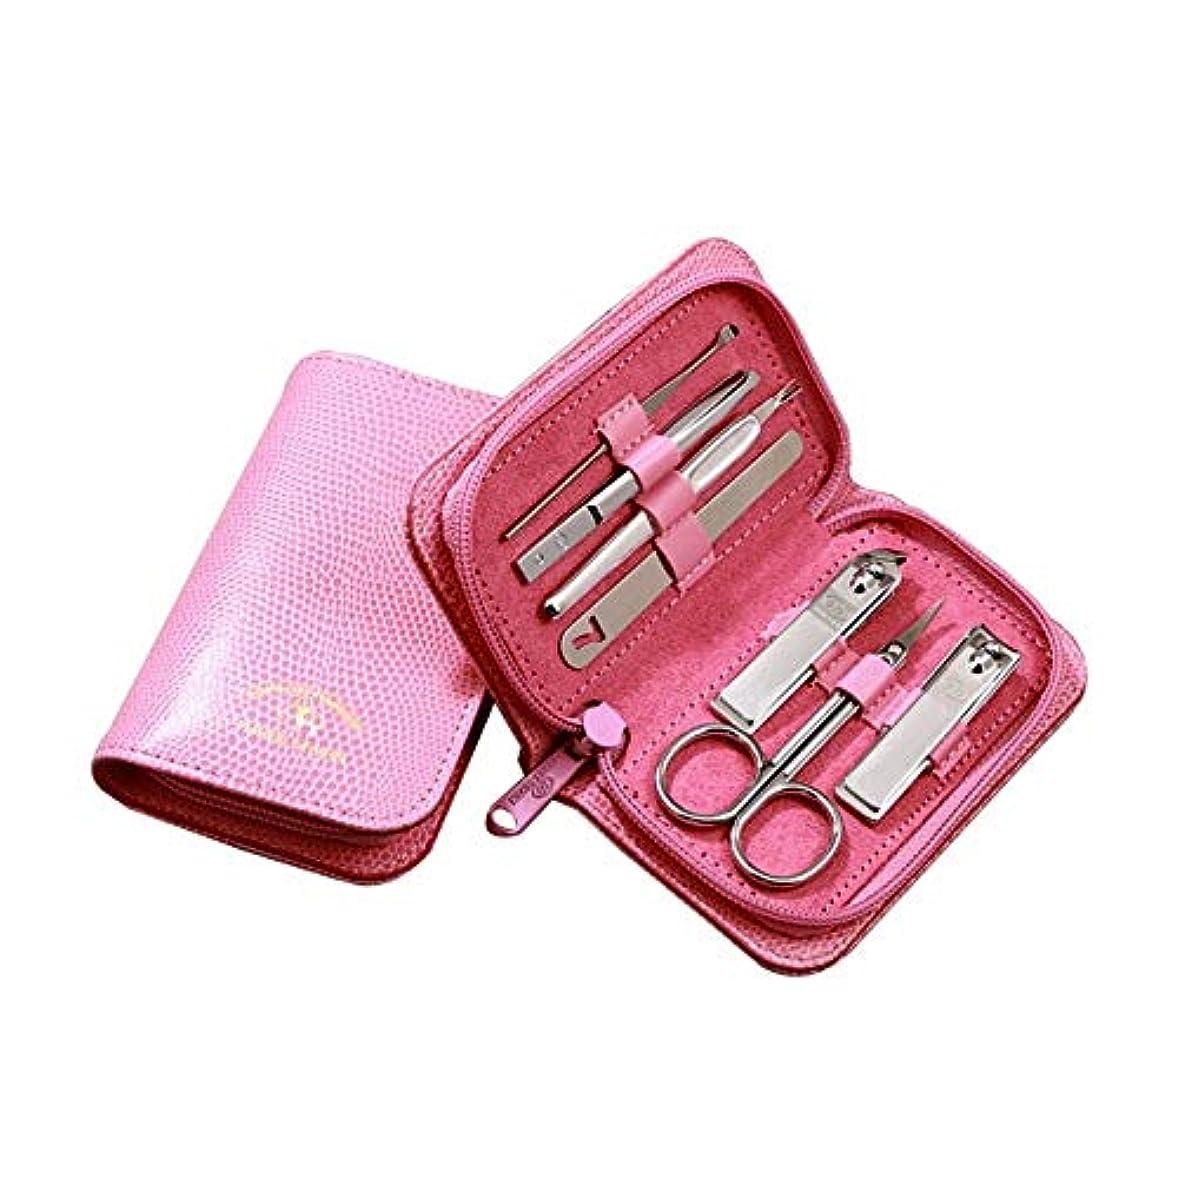 小石早める強大なJIAYIZS ネイルクリッパーズは、家庭用ネイルはさみネイルクリッパーネイルマニキュアツールは、7ピンクのセットのセット (Color : Silver)